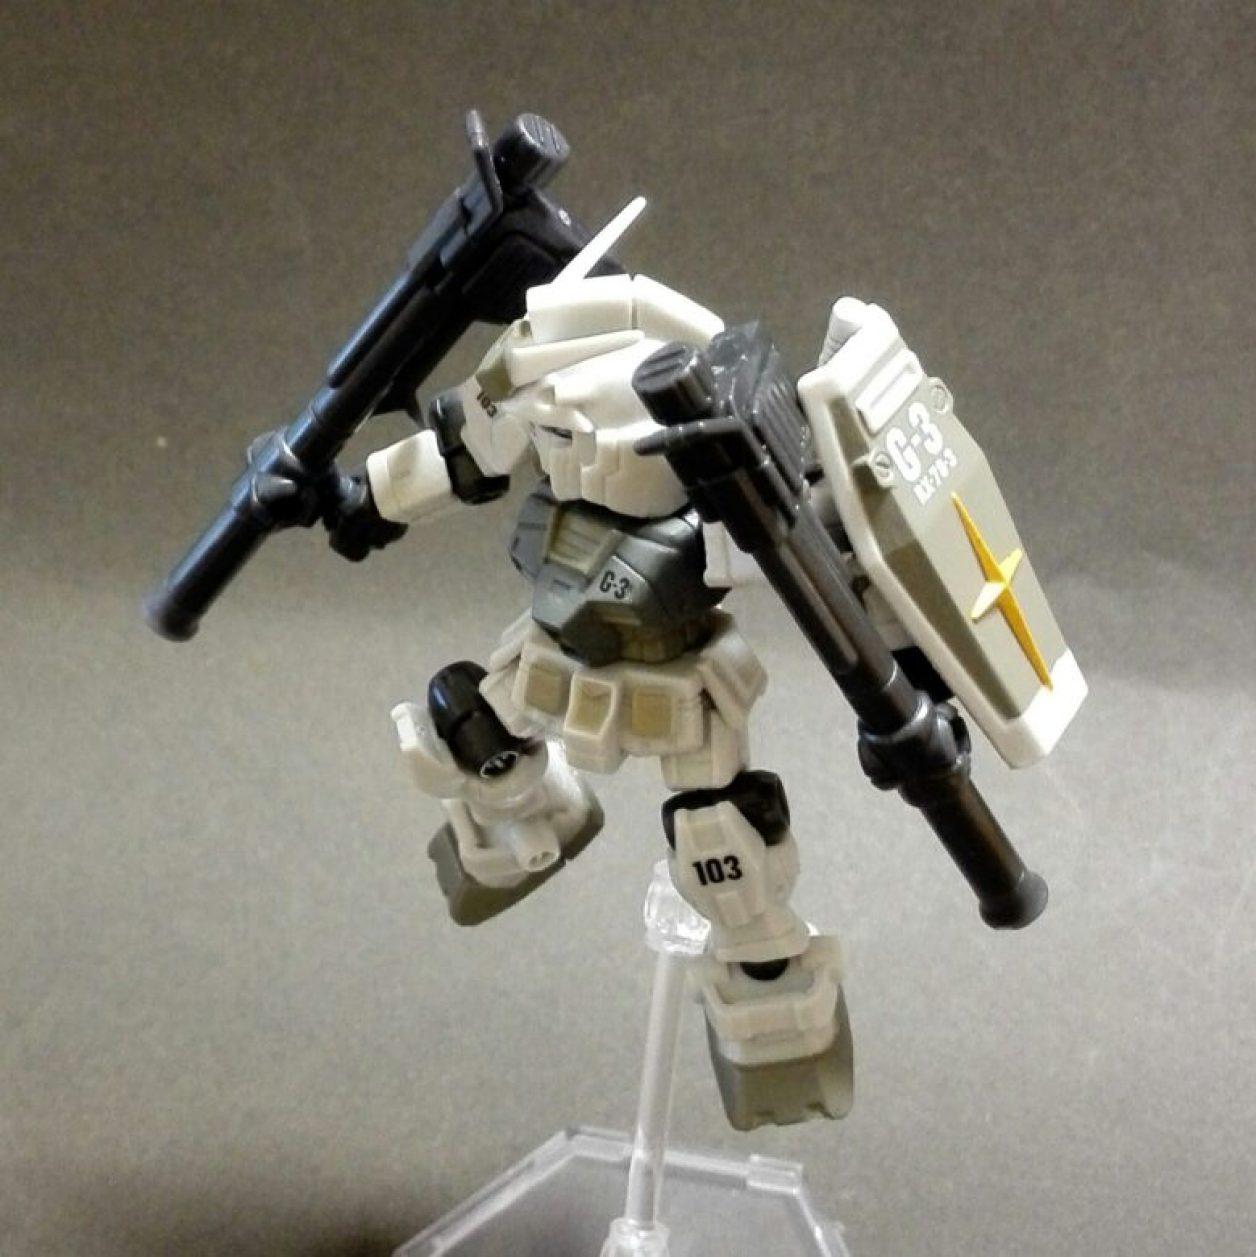 MOBILE SUIT ENSEMBLE(モビルスーツアンサンブル)1.5弾のガンダム(G3)と武器セットのハイパー・バズーカ2丁を組み合わせの画像